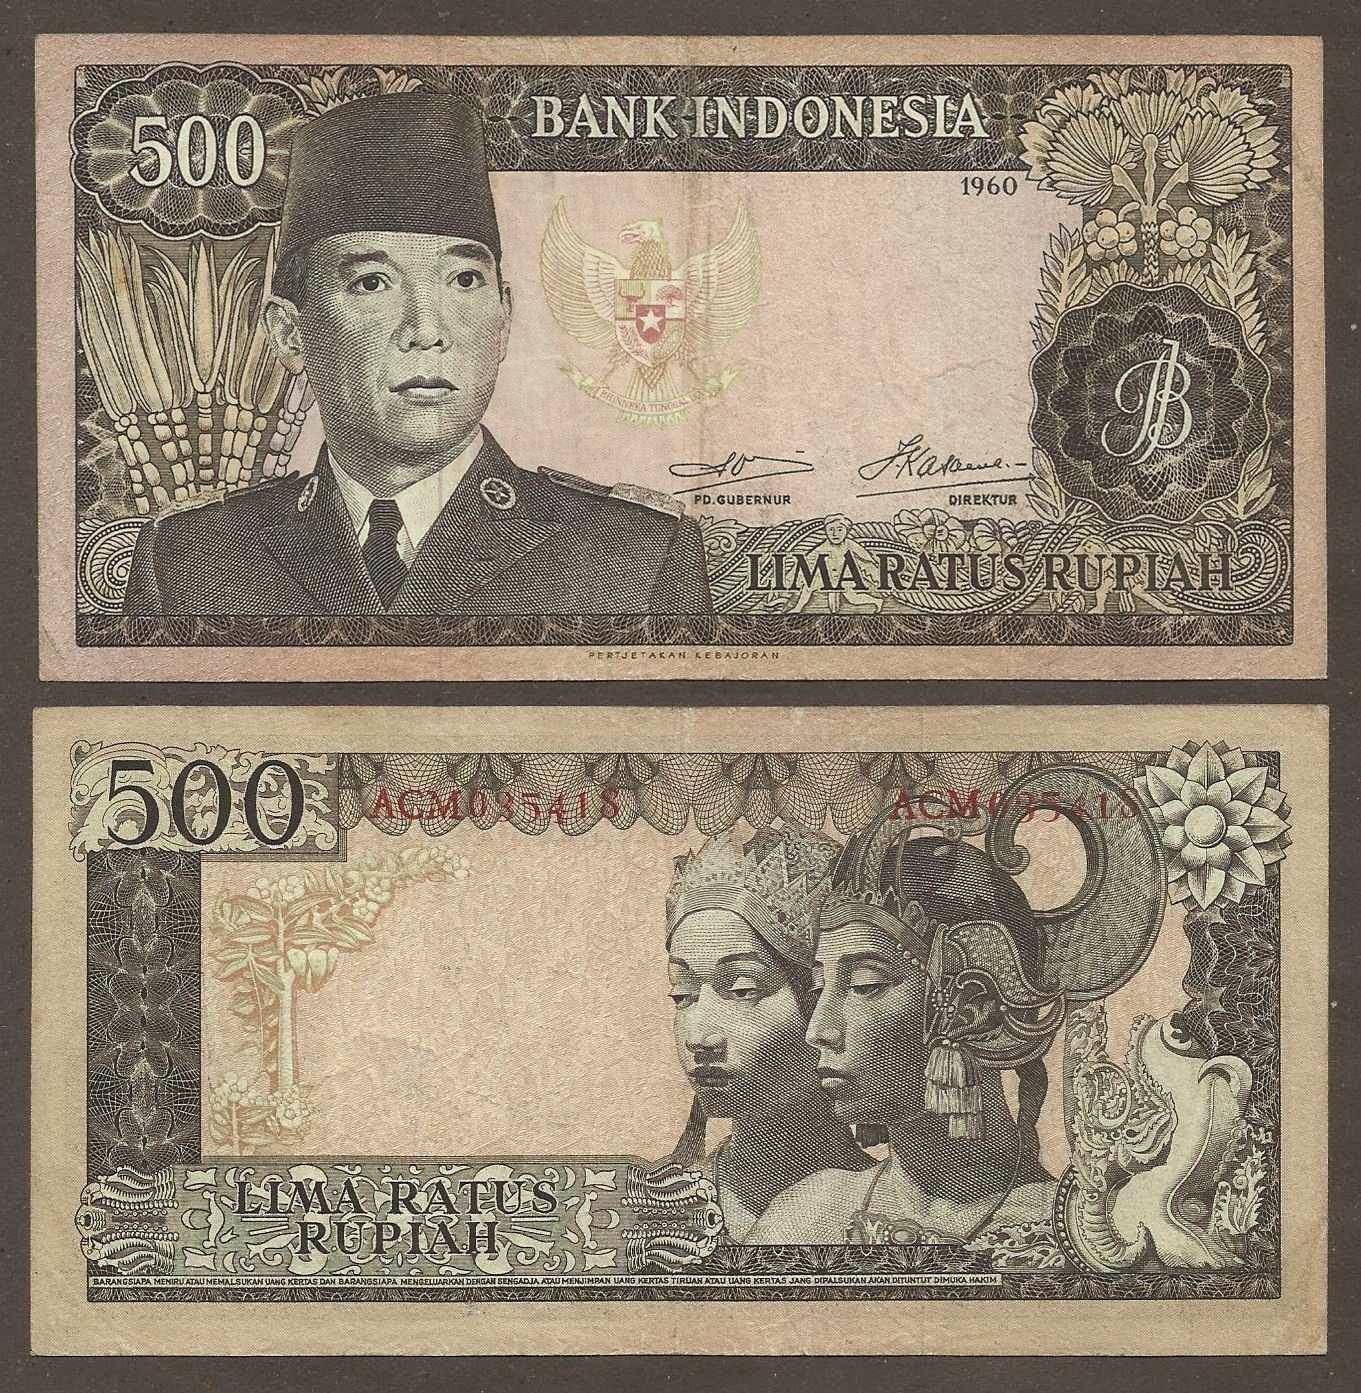 uang kuno Seri Soekarno tahun  1960 Pecahan 500 rupiah